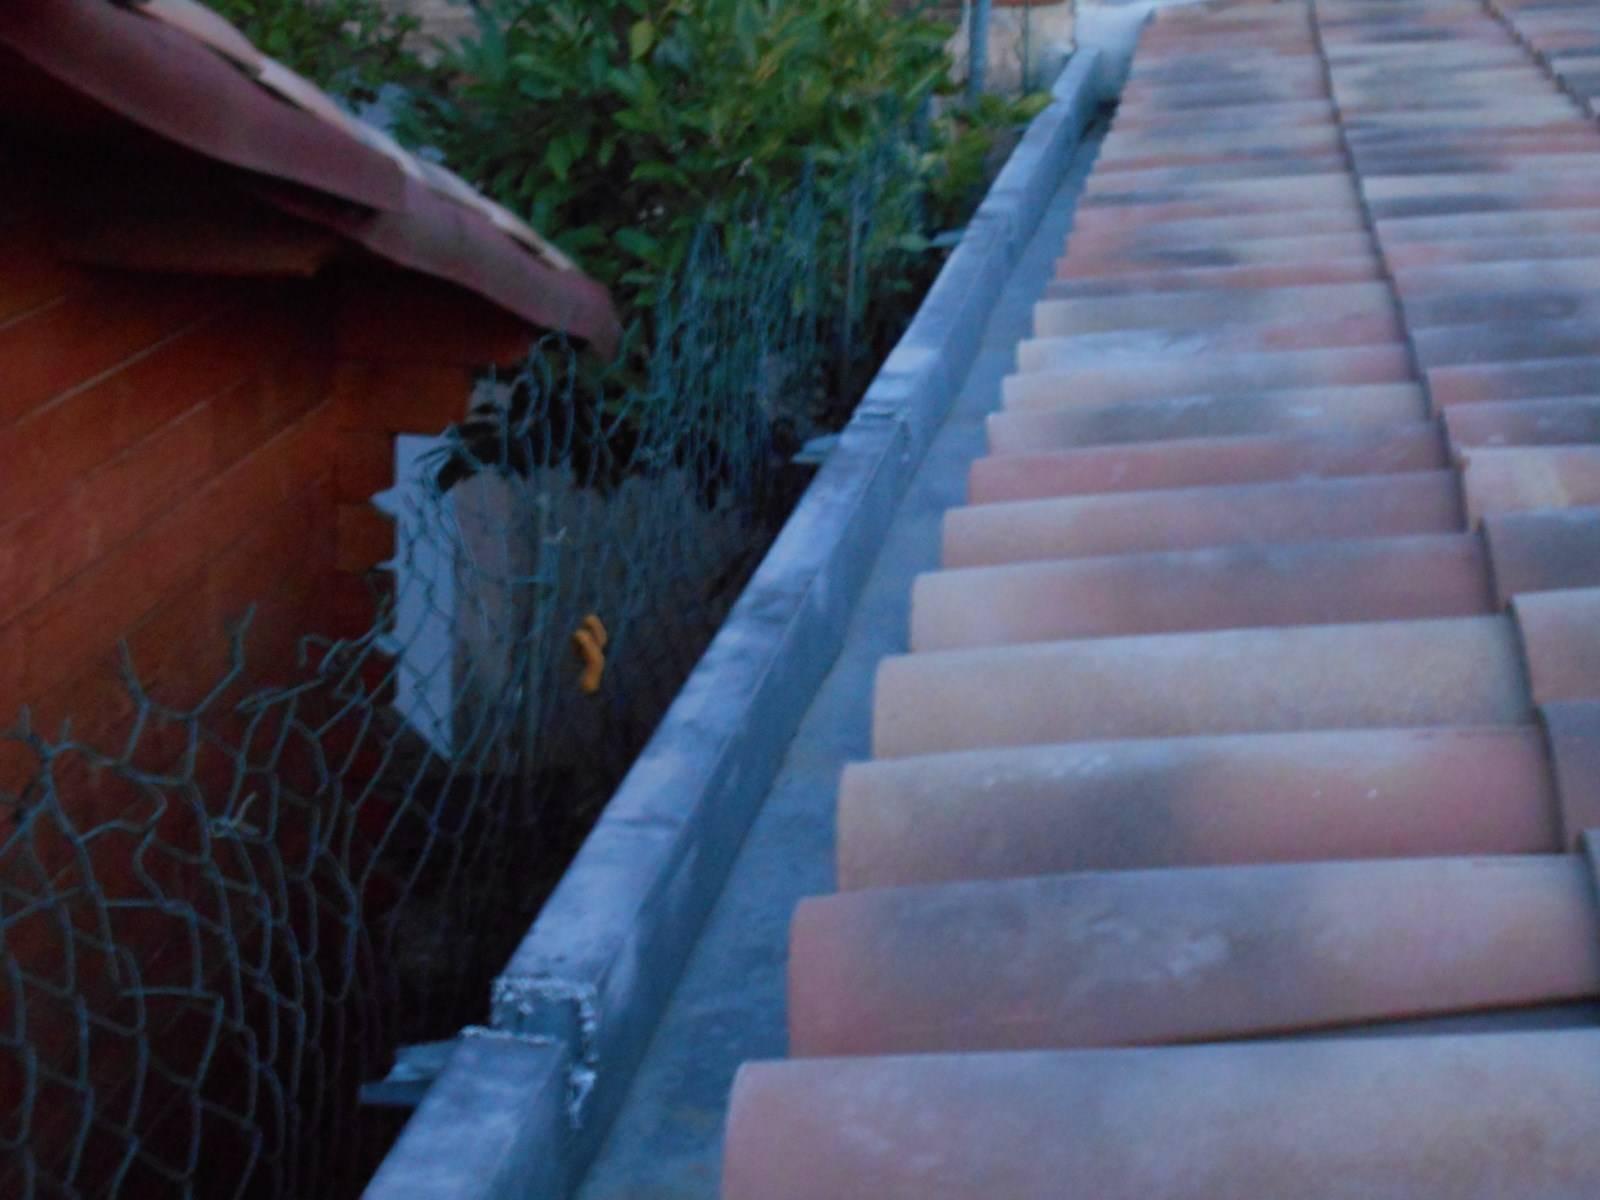 tanch it de toiture par nos artisans couvreurs zingueurs sur la commune de saint cannat 13760. Black Bedroom Furniture Sets. Home Design Ideas